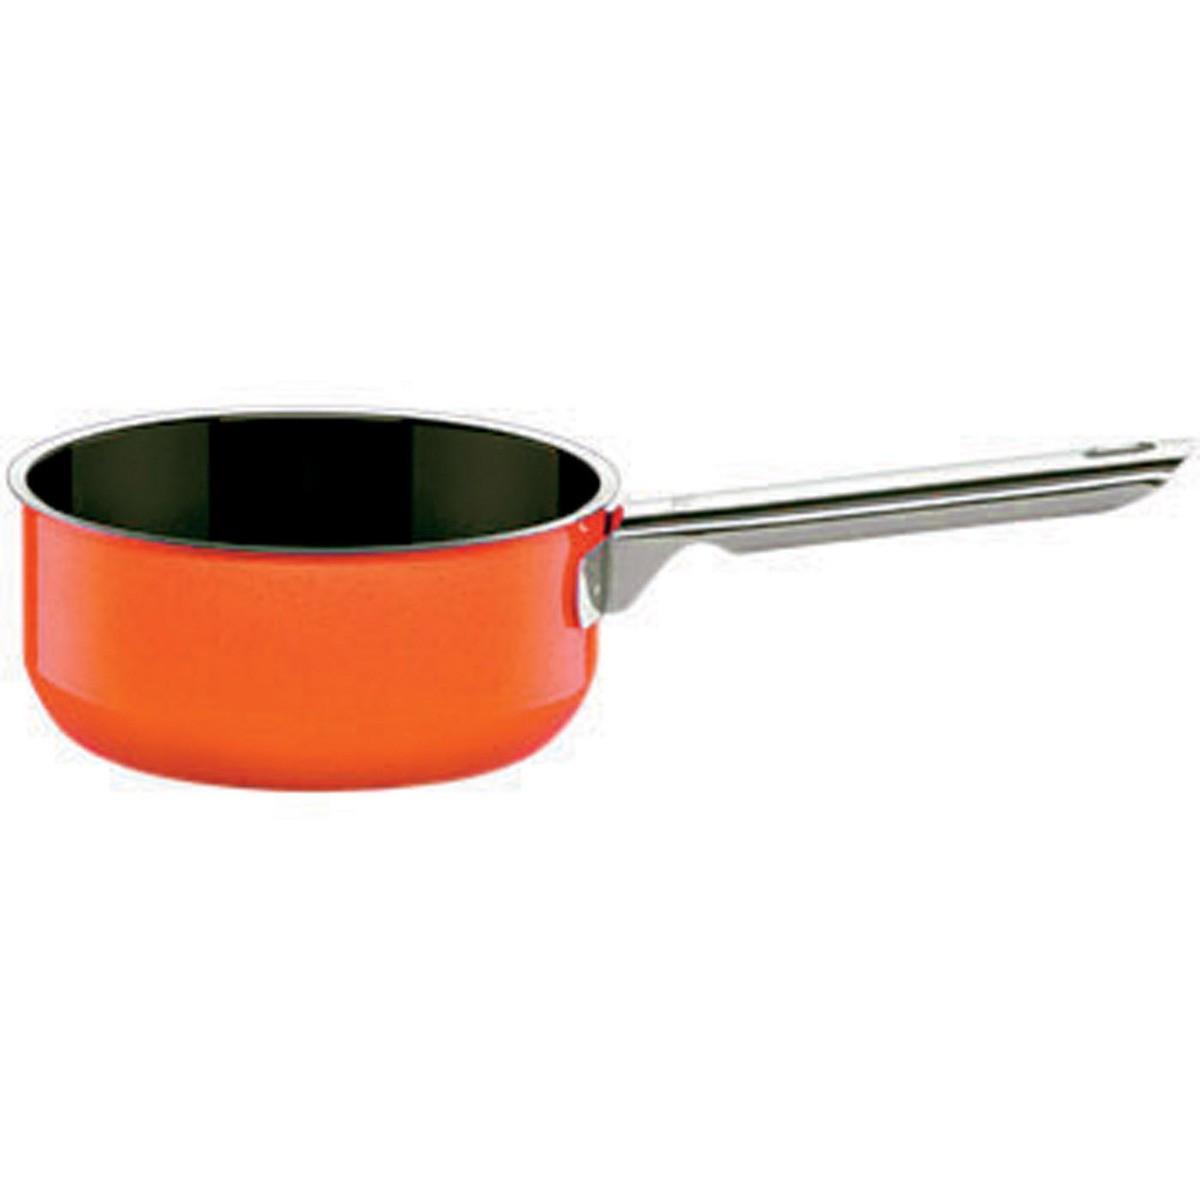 Κατσαρολάκι Silit Γάλακτος Passion Orange 16cm home   σκευη μαγειρικης   κατσαρόλες χύτρες